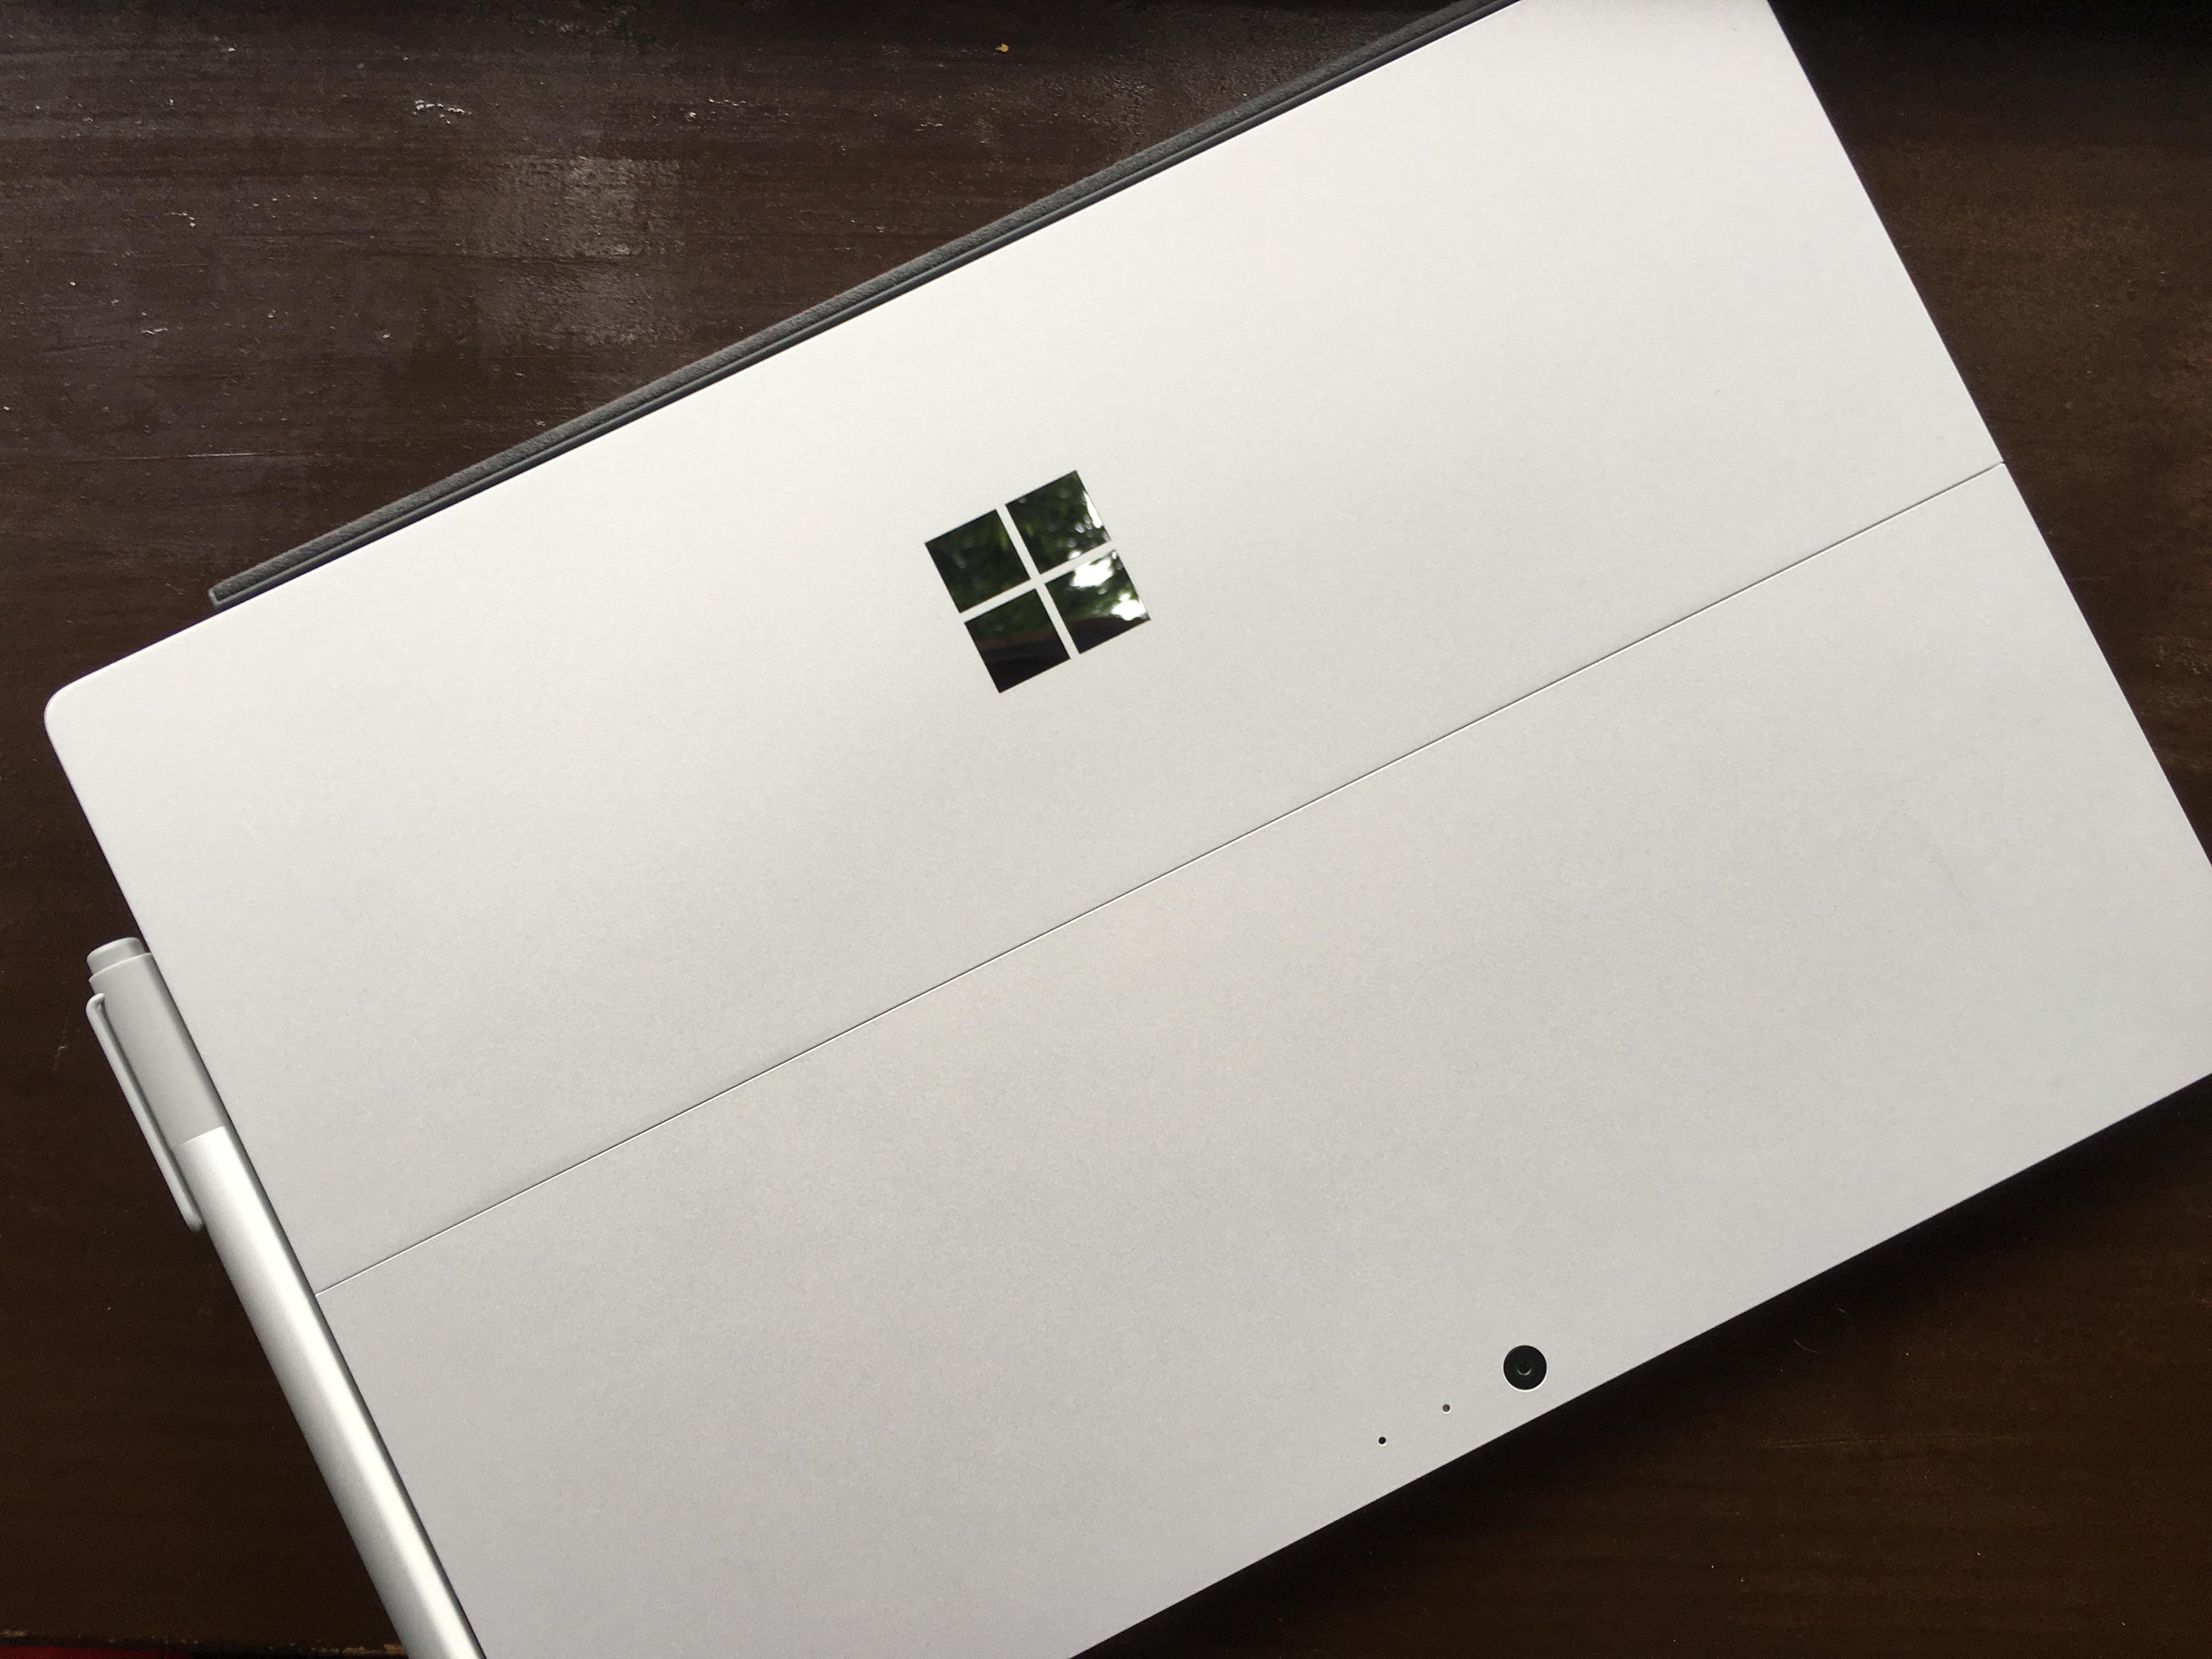 Surface Book har igjen fått en rekke oppdateringer, denne gangen relatert til kameraene.